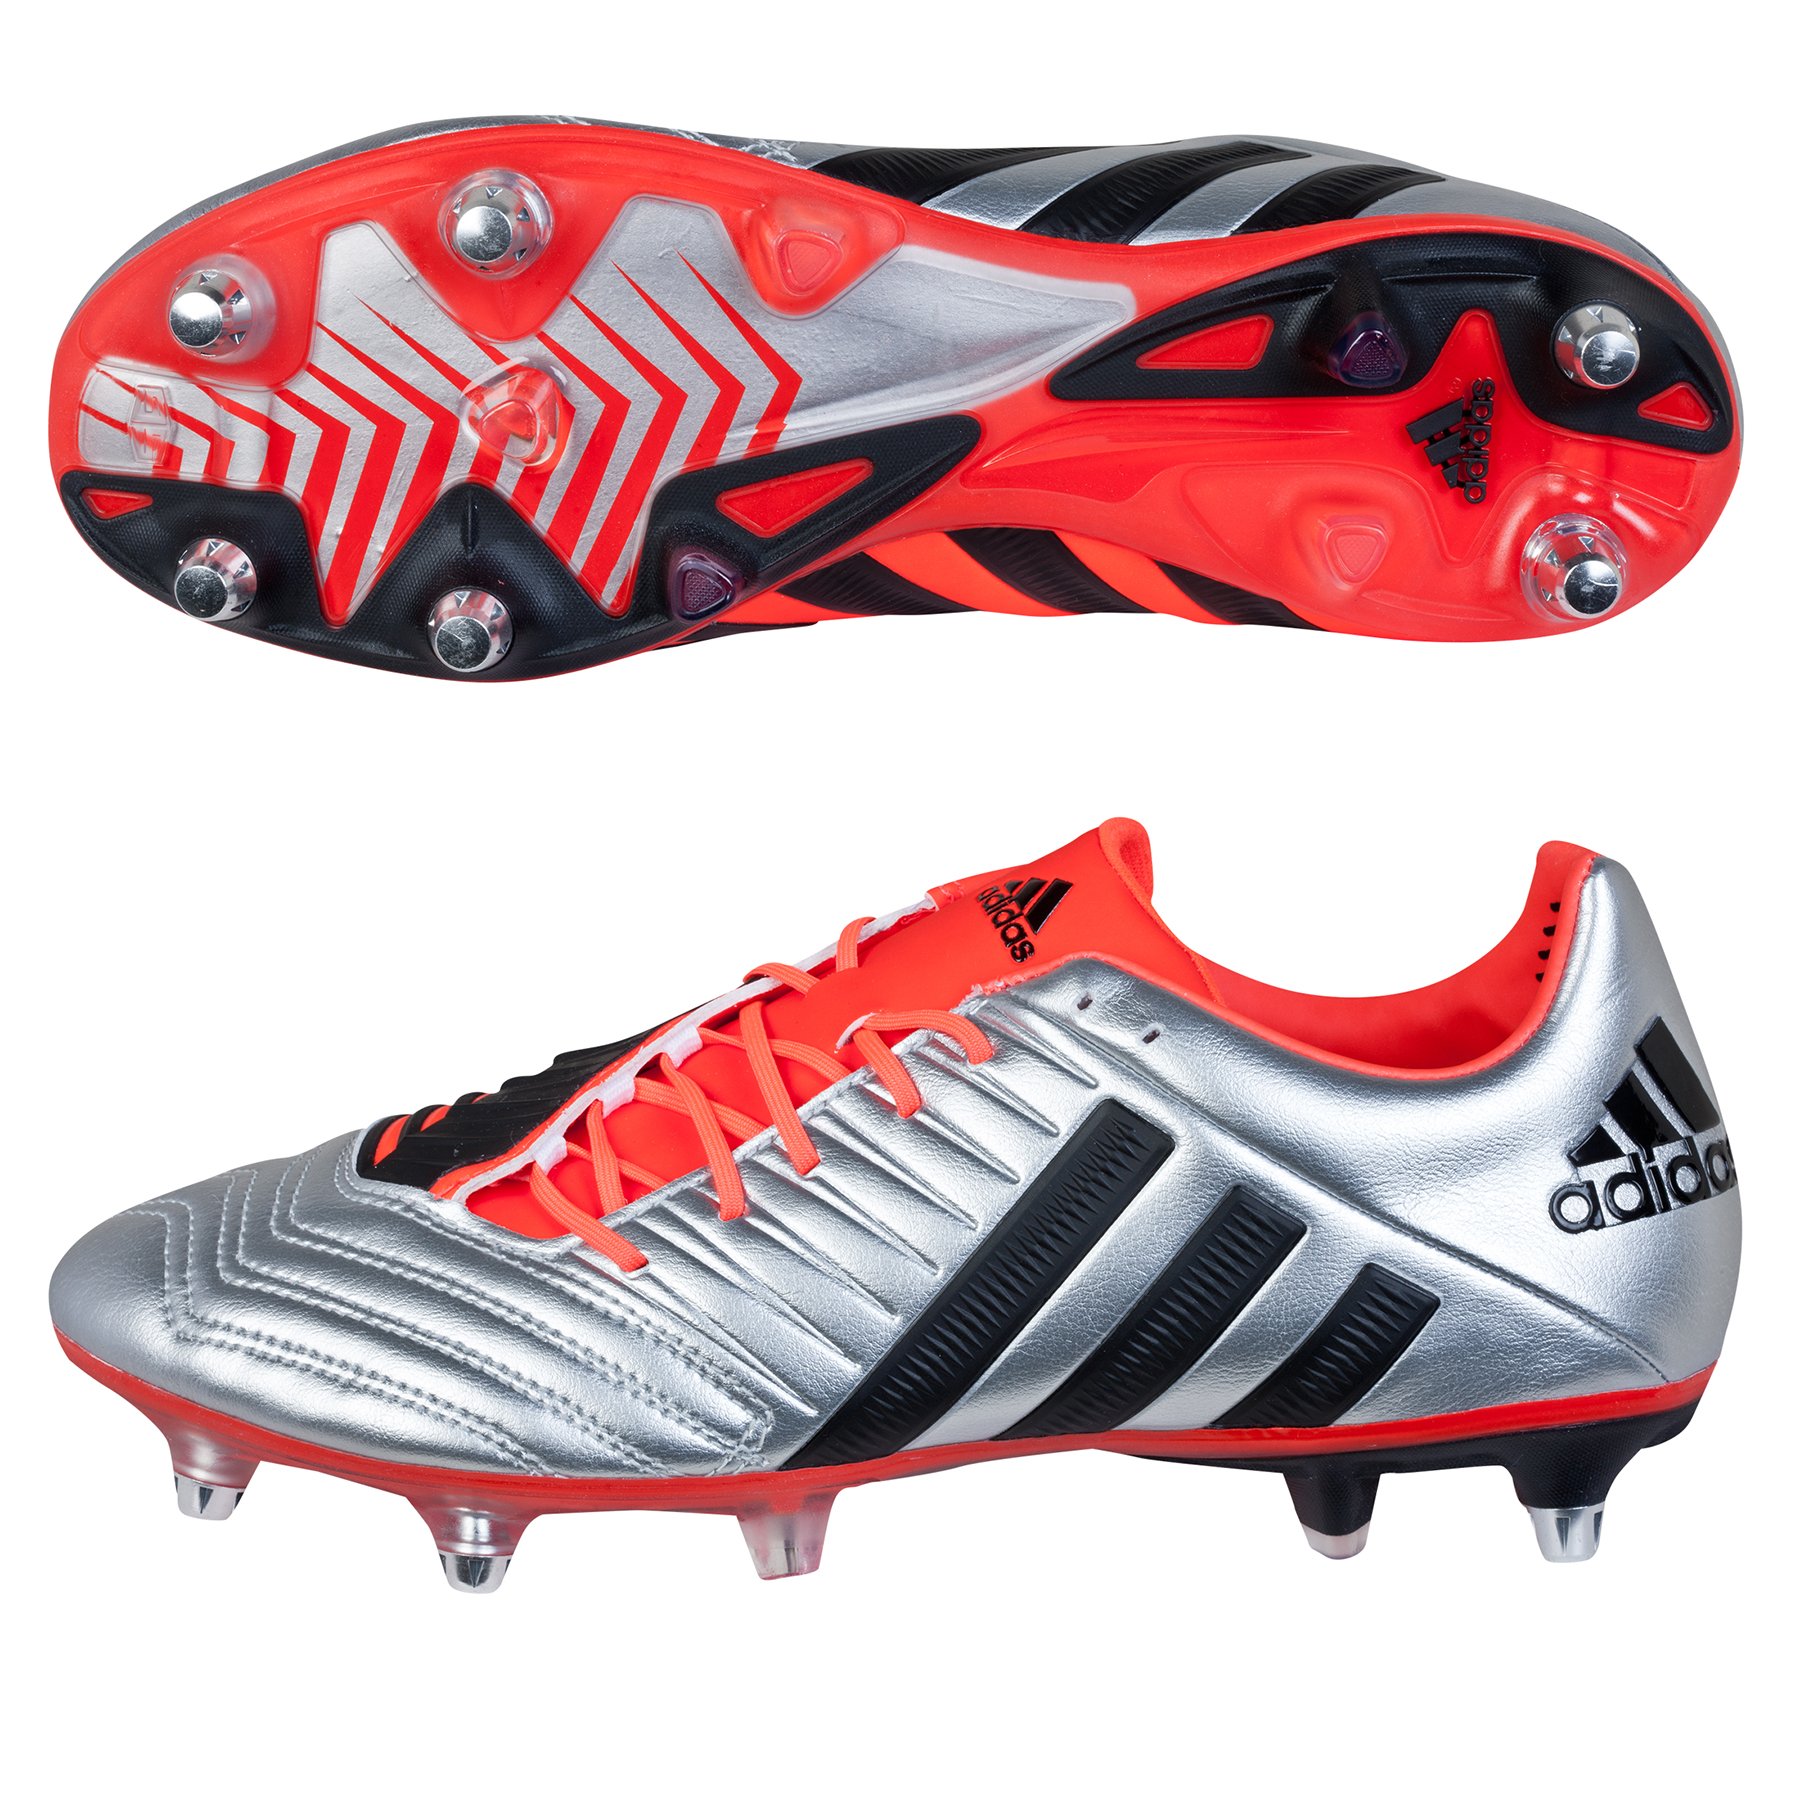 ... sweden adidas predator incurza xtrx soft ground rugby boots silver  58f2b 6387a db549f6931